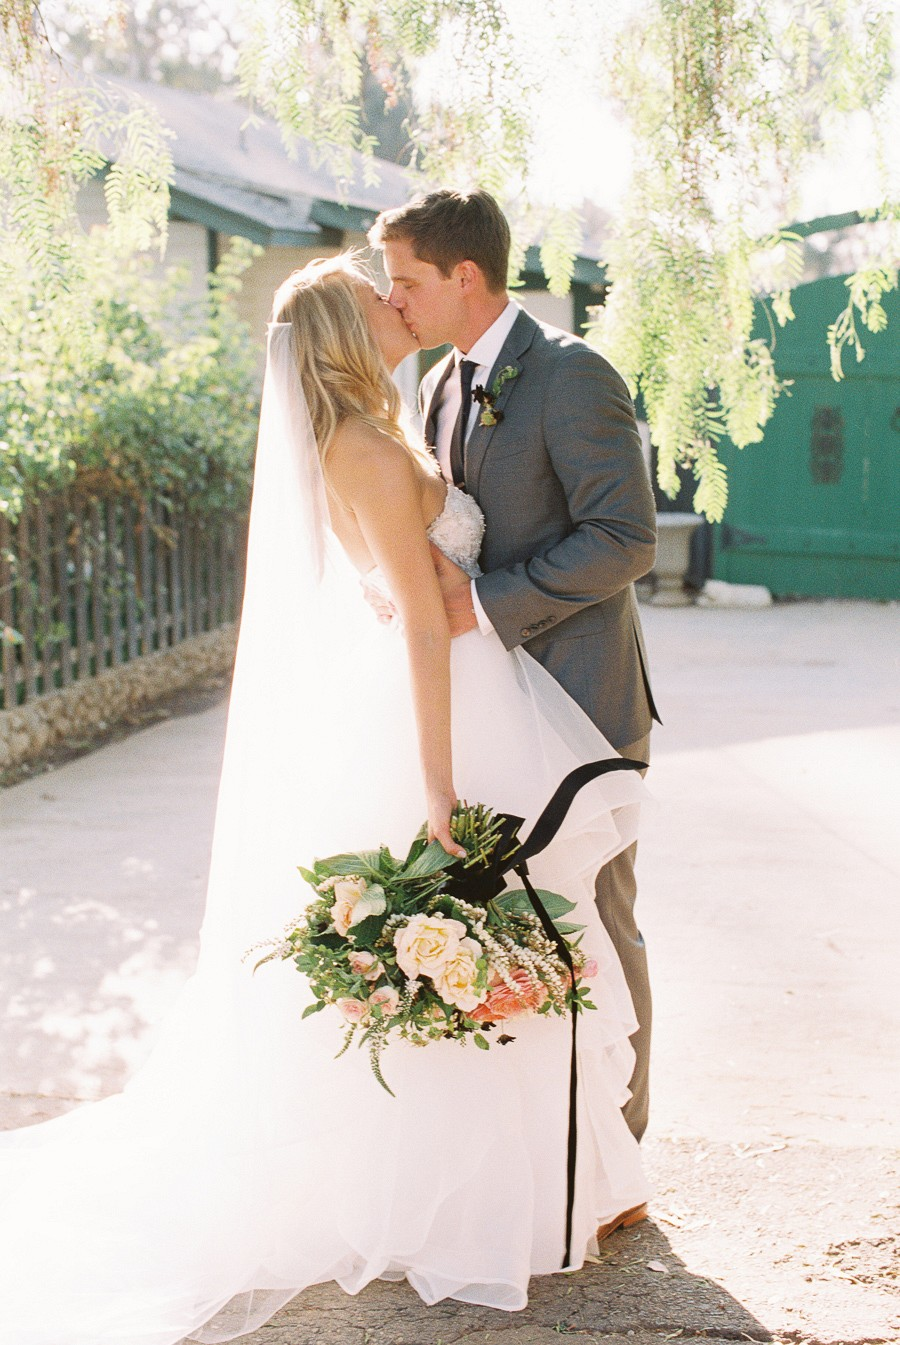 Whimsical Real Summer Wedding by Carmen Santorelli | Wedding Sparrow | wedding blog